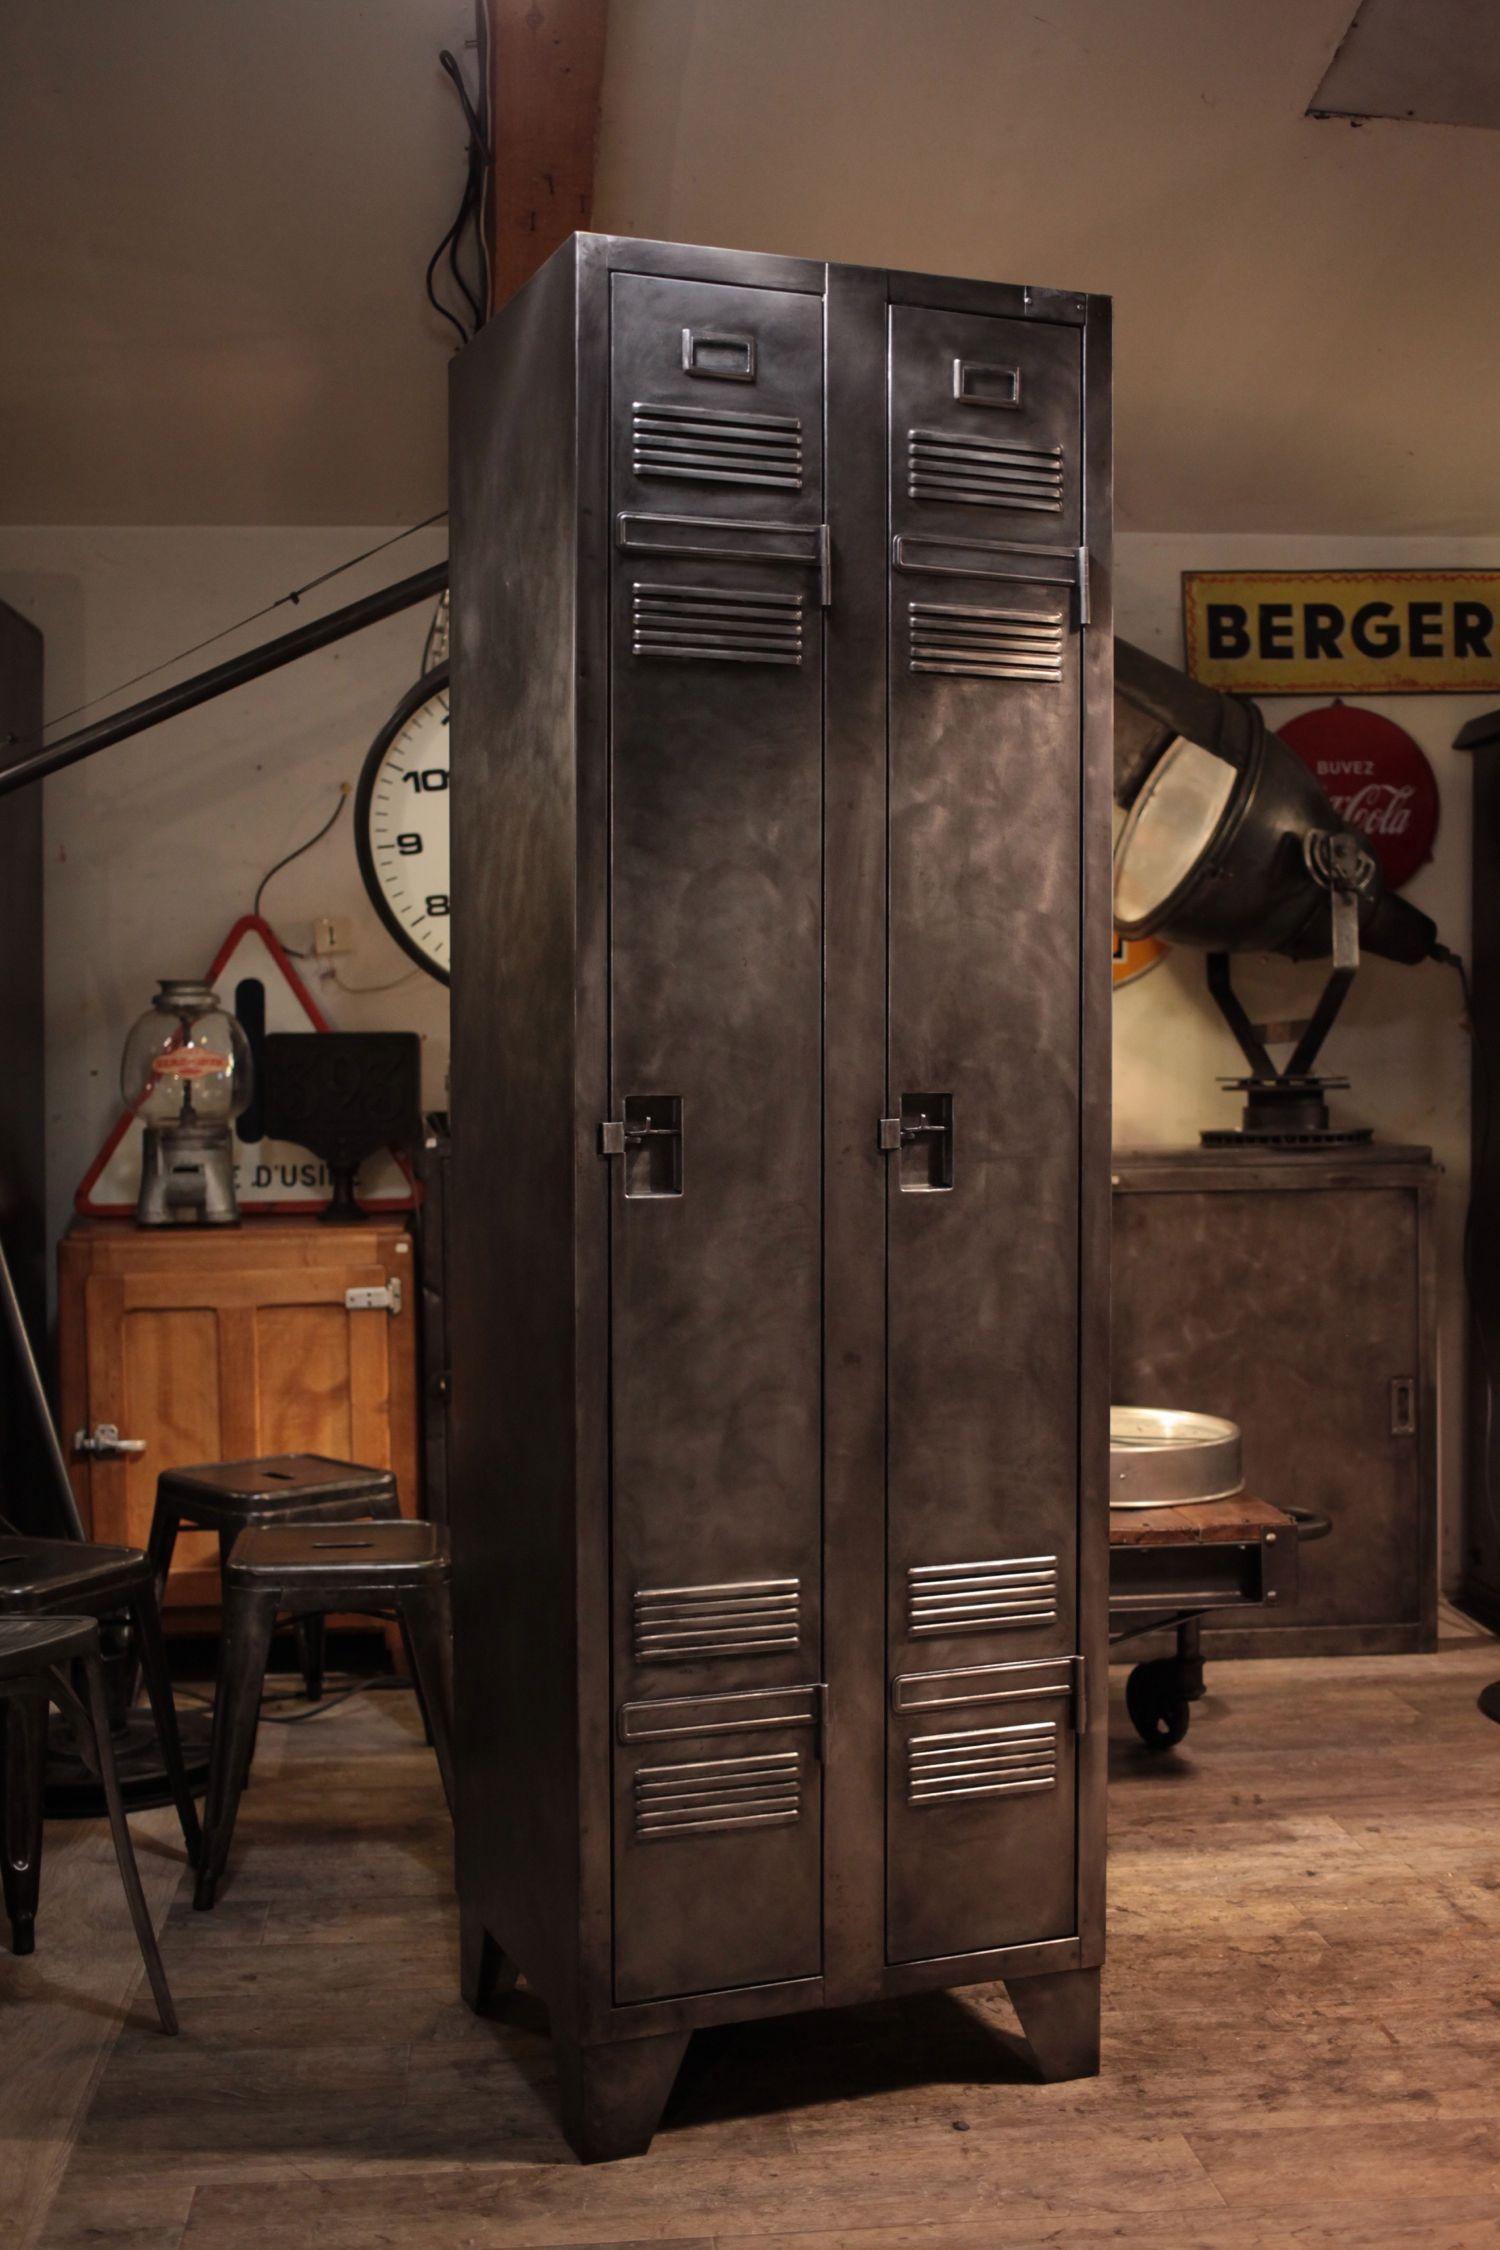 Meuble industriel vestiaire des ptt ancien deco loft industrial vintage meubles industriels - Meuble loft industriel ...